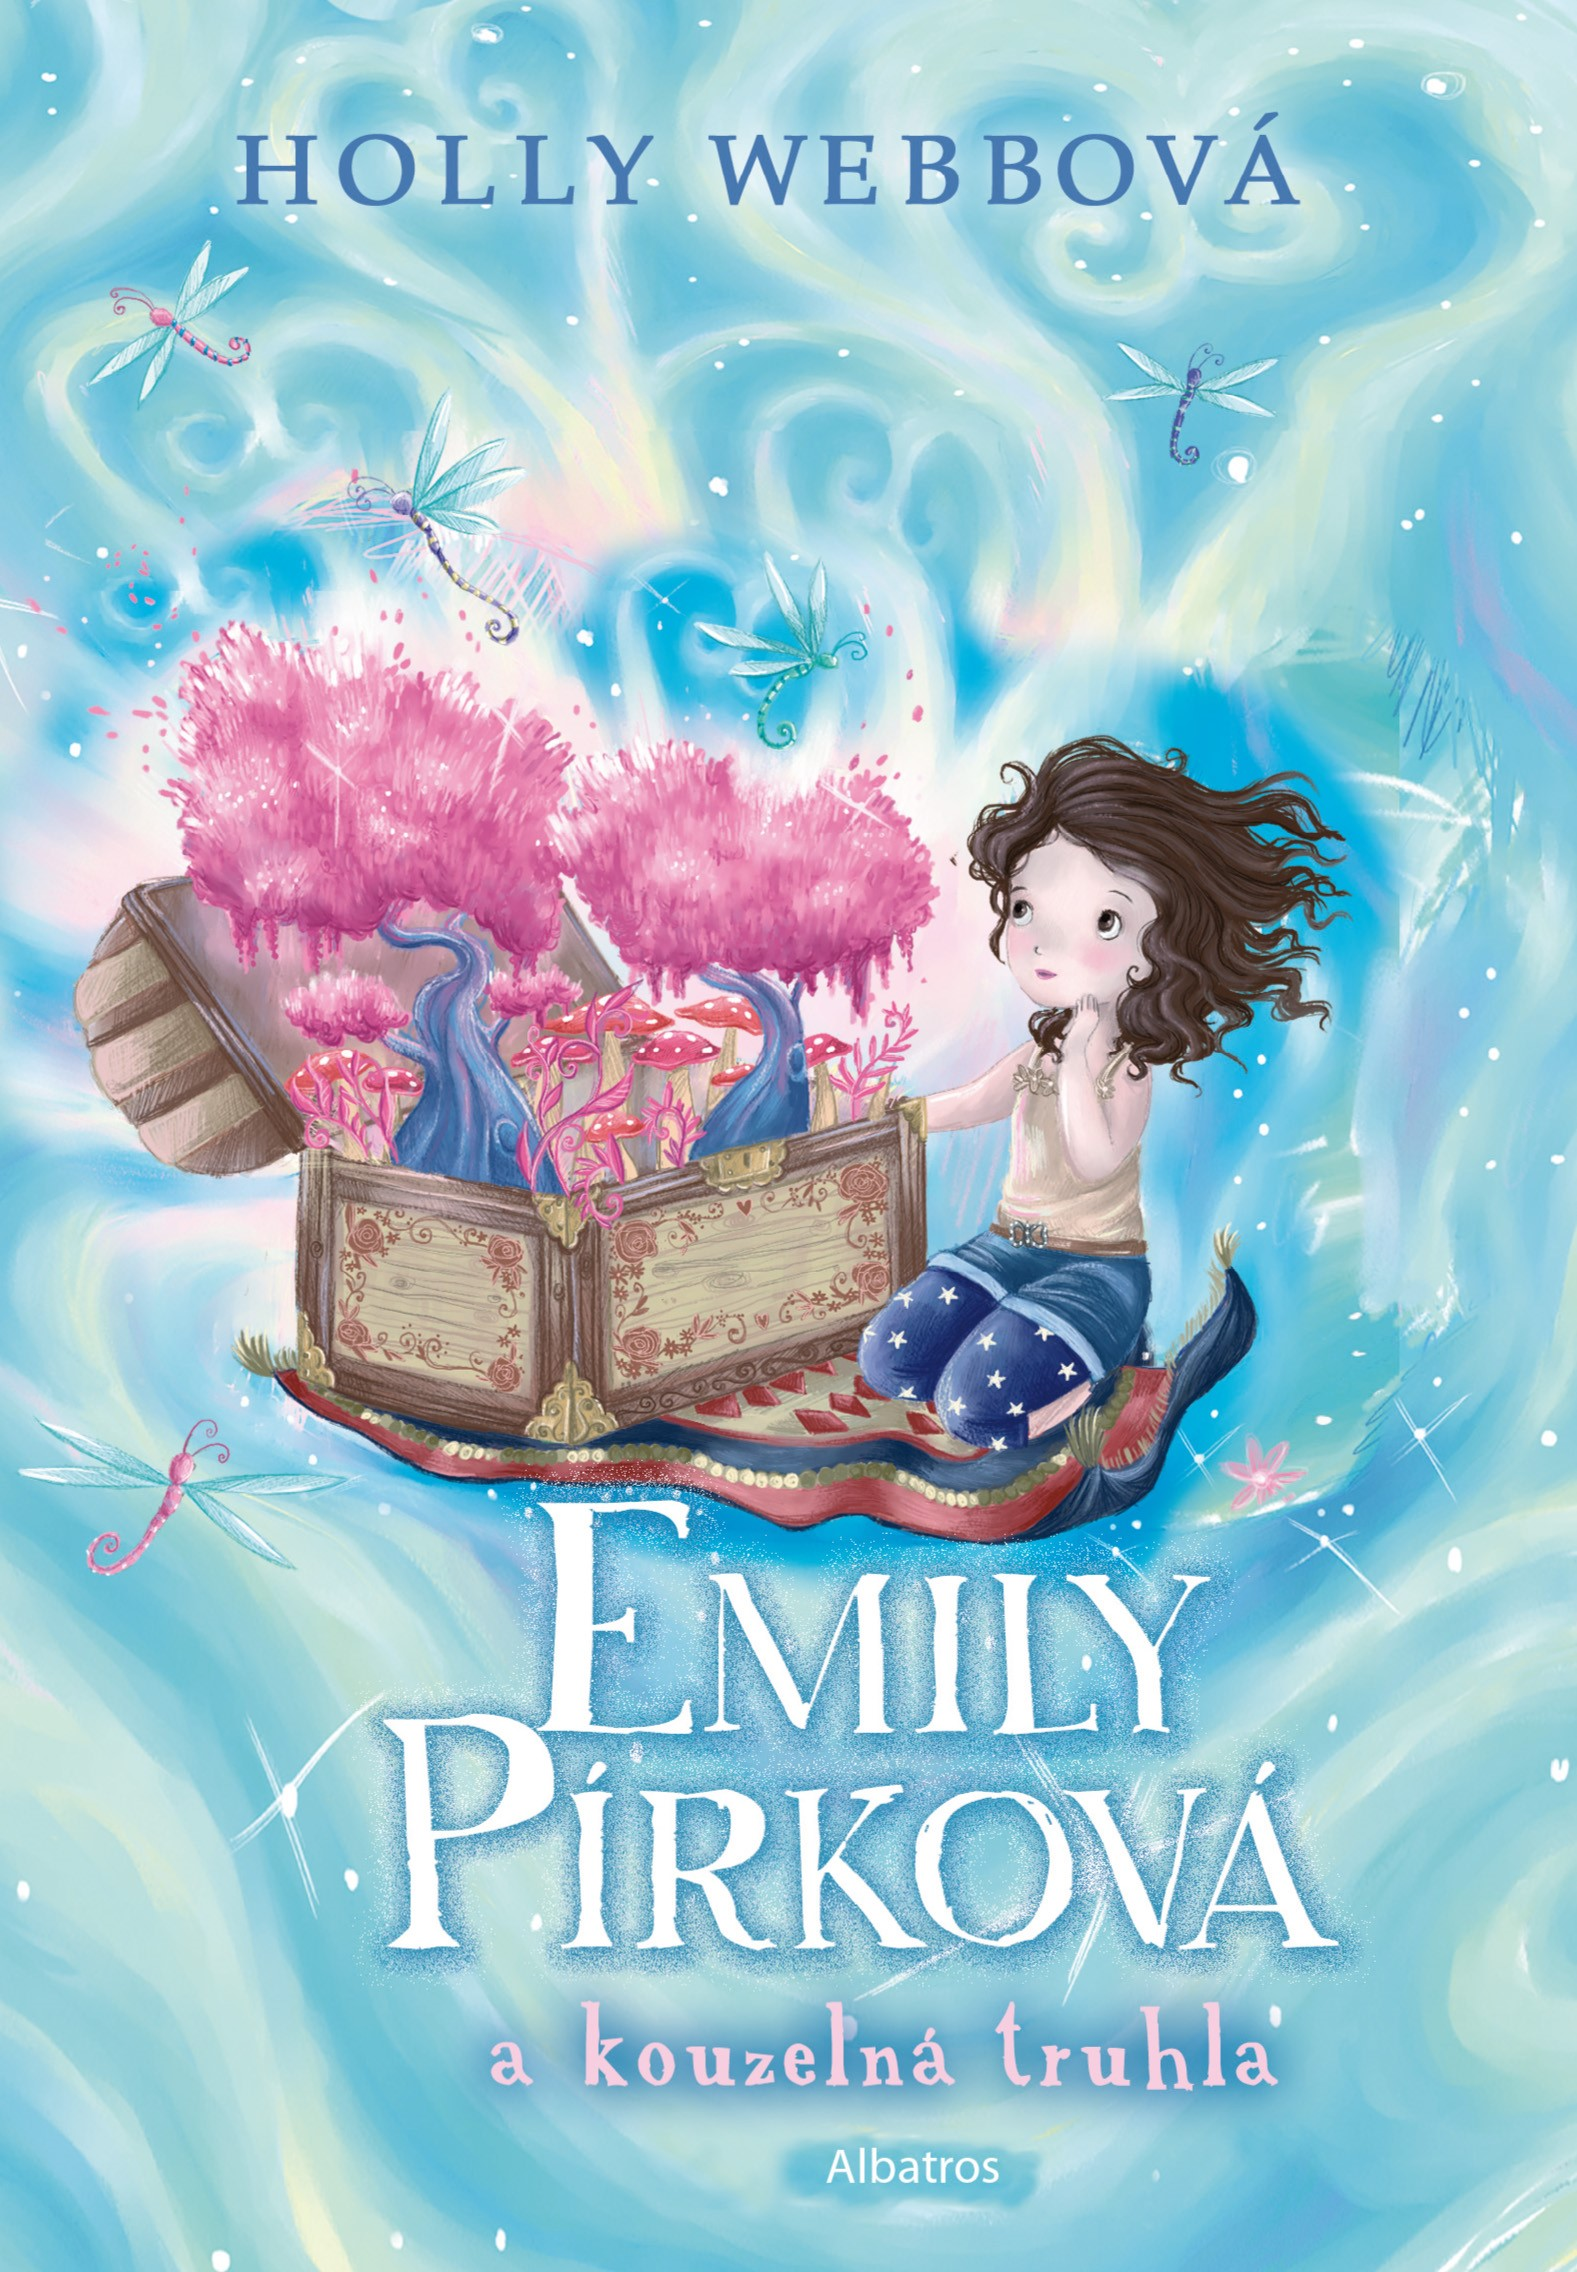 Emily Pírková a kouzelná truhla | Holly Webbová